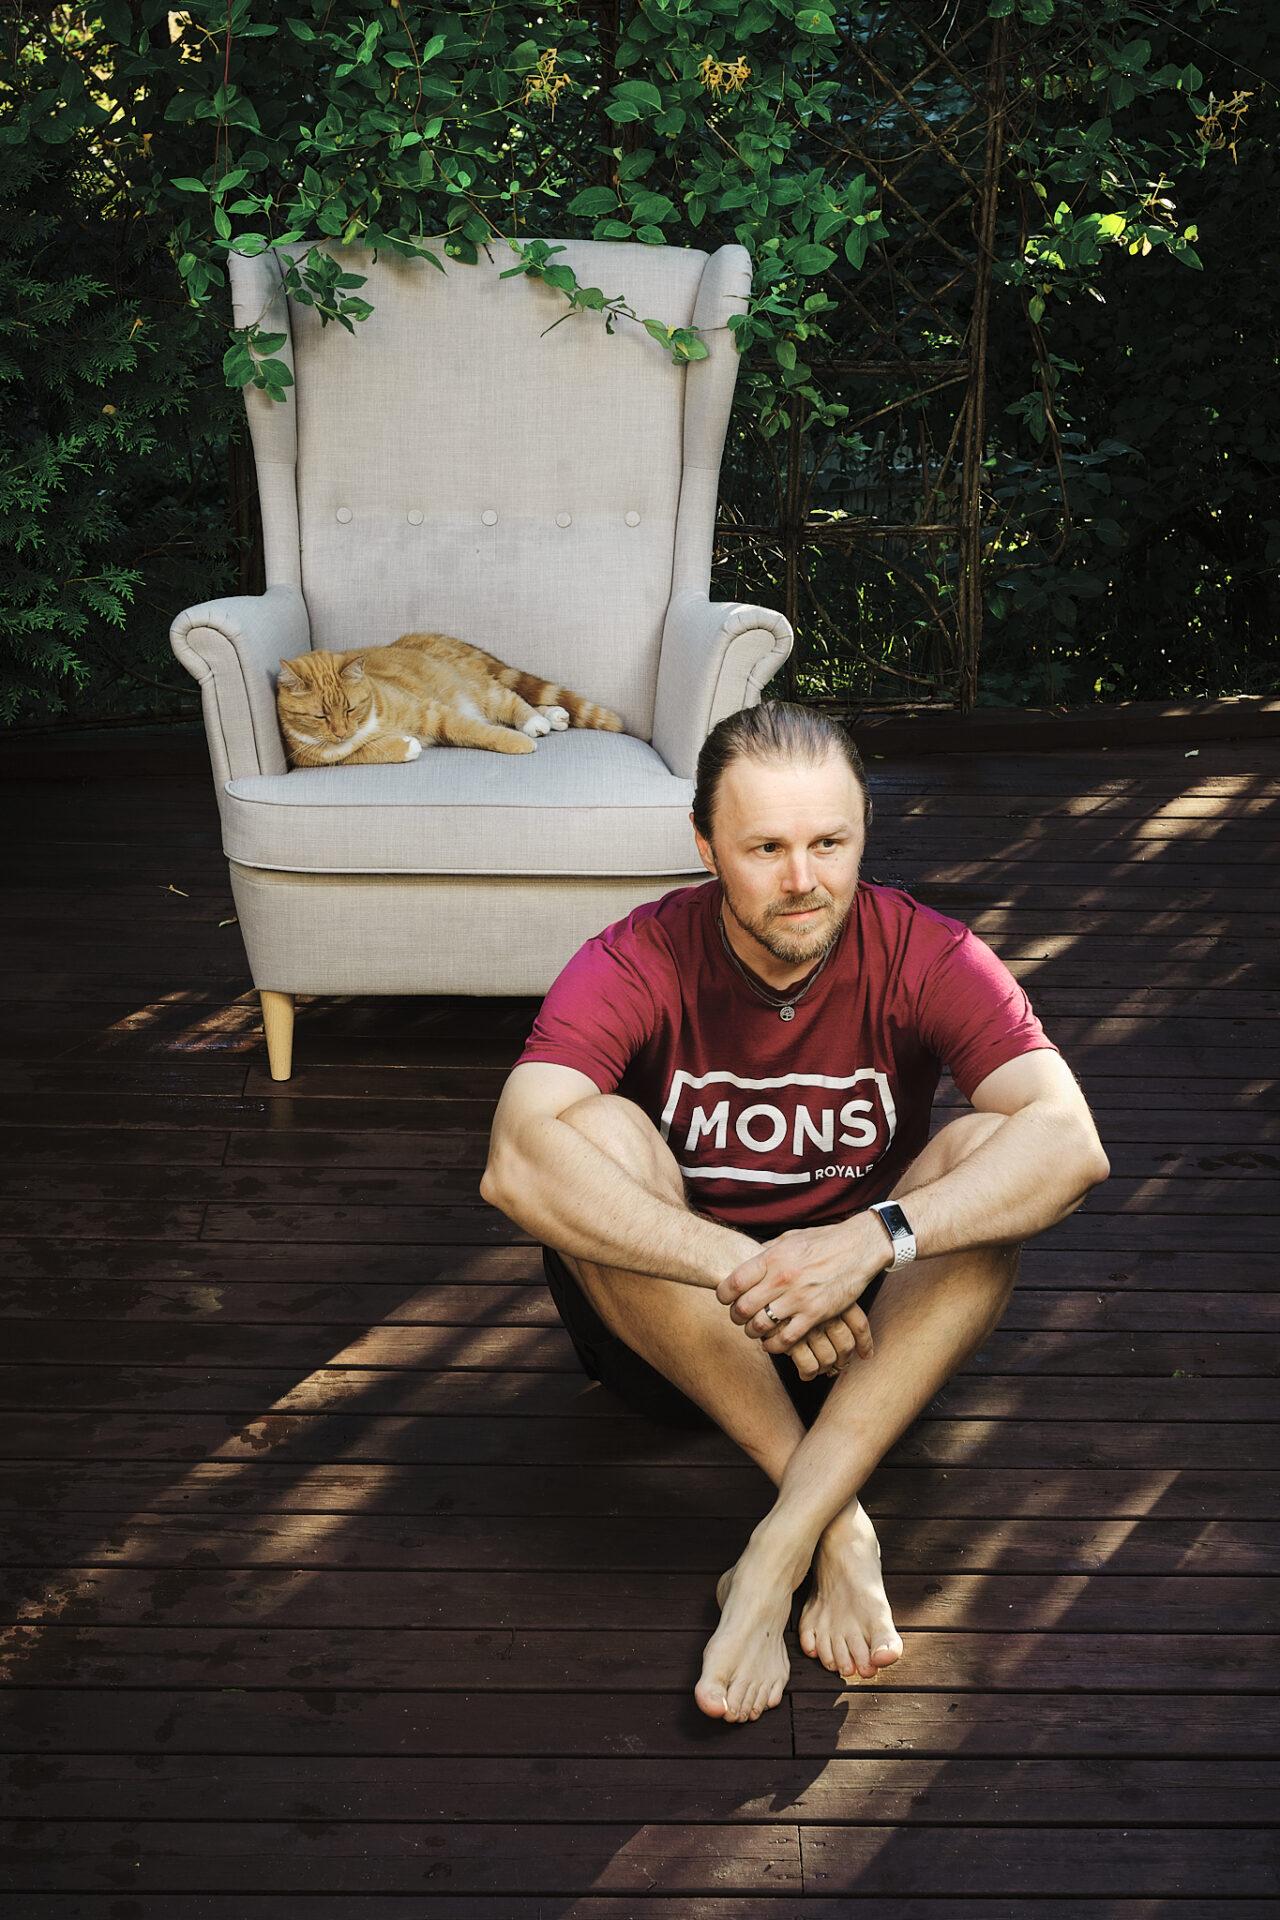 Mies lattialla ja kissa nojatuolissa terassilla